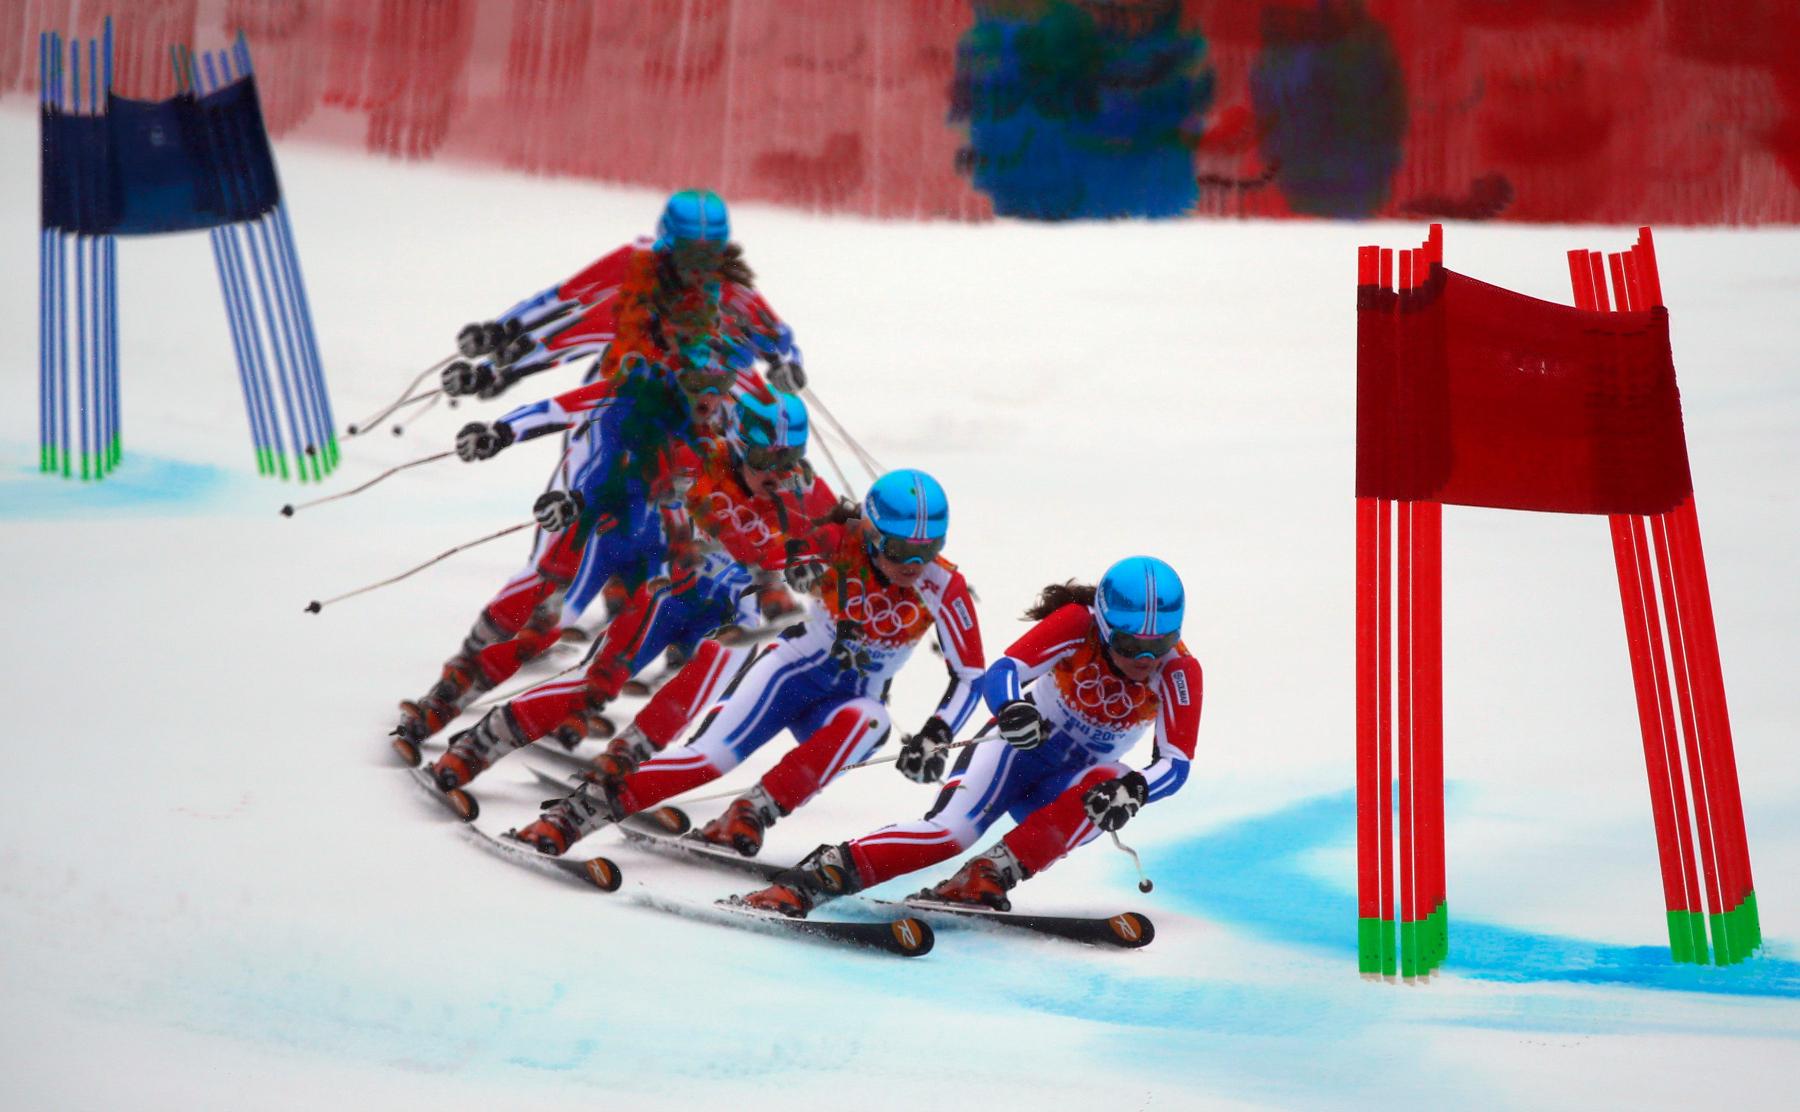 Sochi athletes